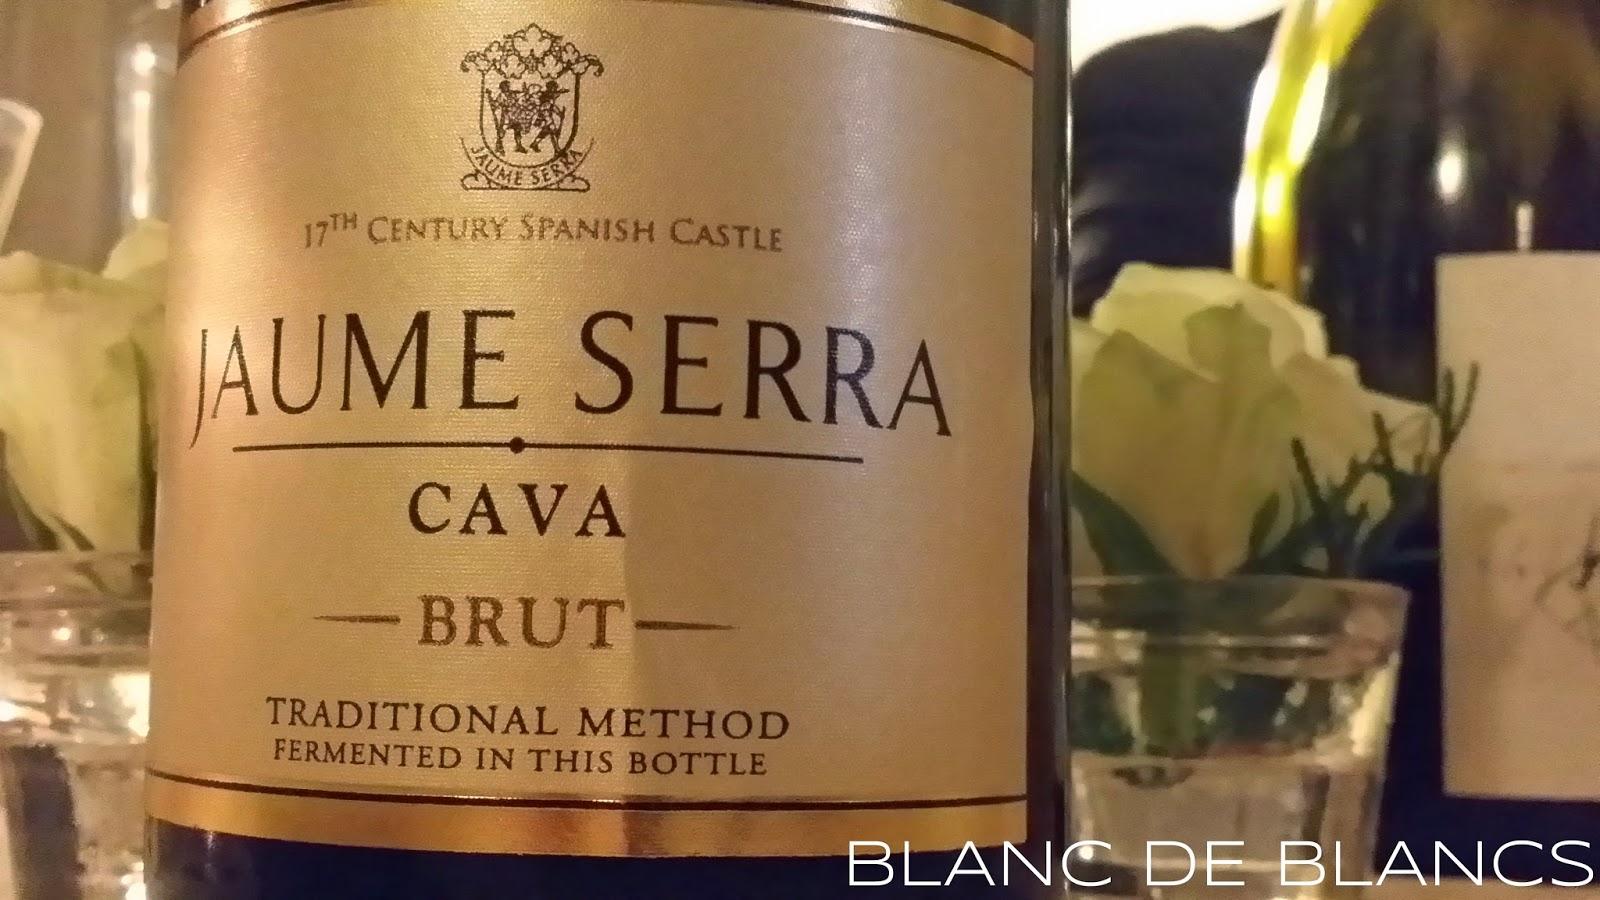 Jaume Serra Brut - www.blancdeblancs.fi